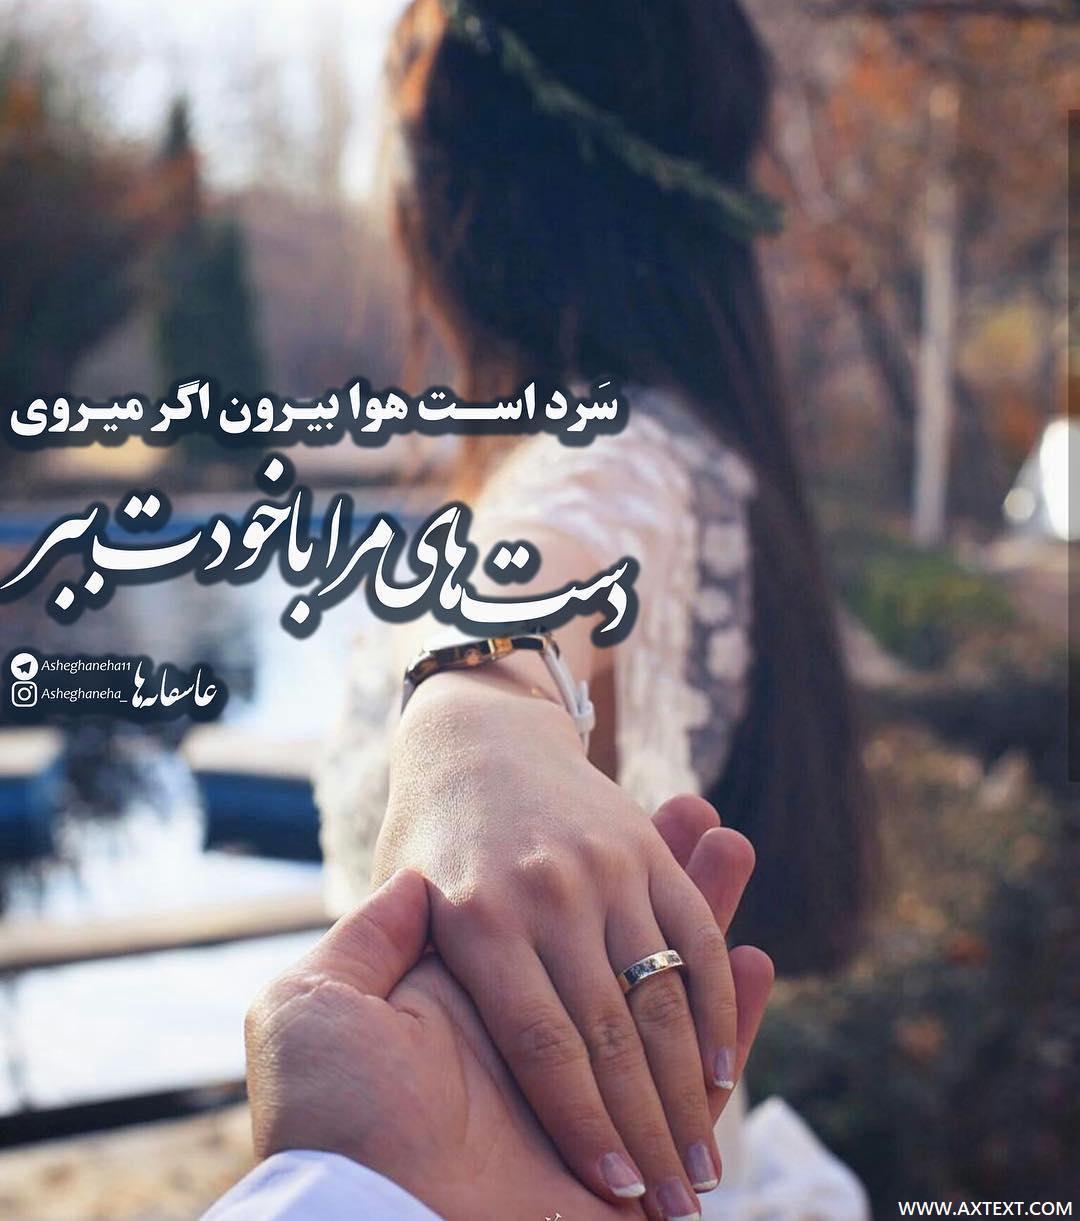 عکس نوشته عاشقانه سرد است هوا بیرون اگر می روی